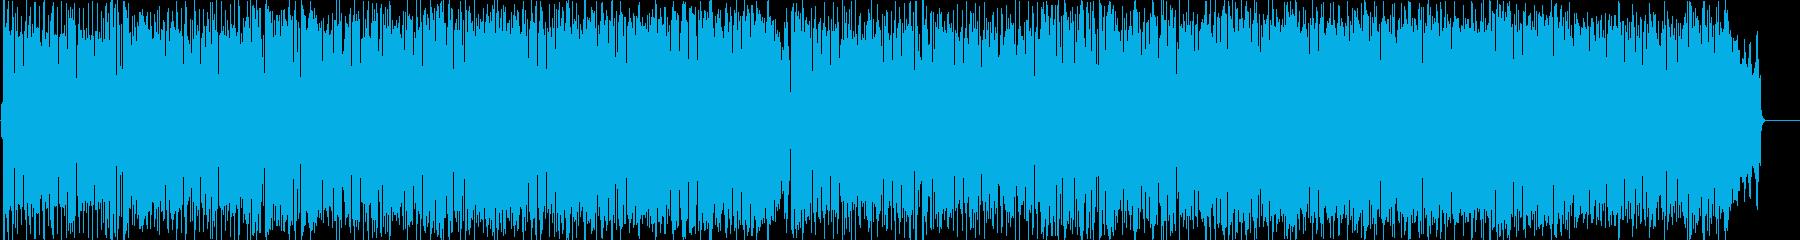 情報 楽しい 軽快 元気 アウトドアの再生済みの波形